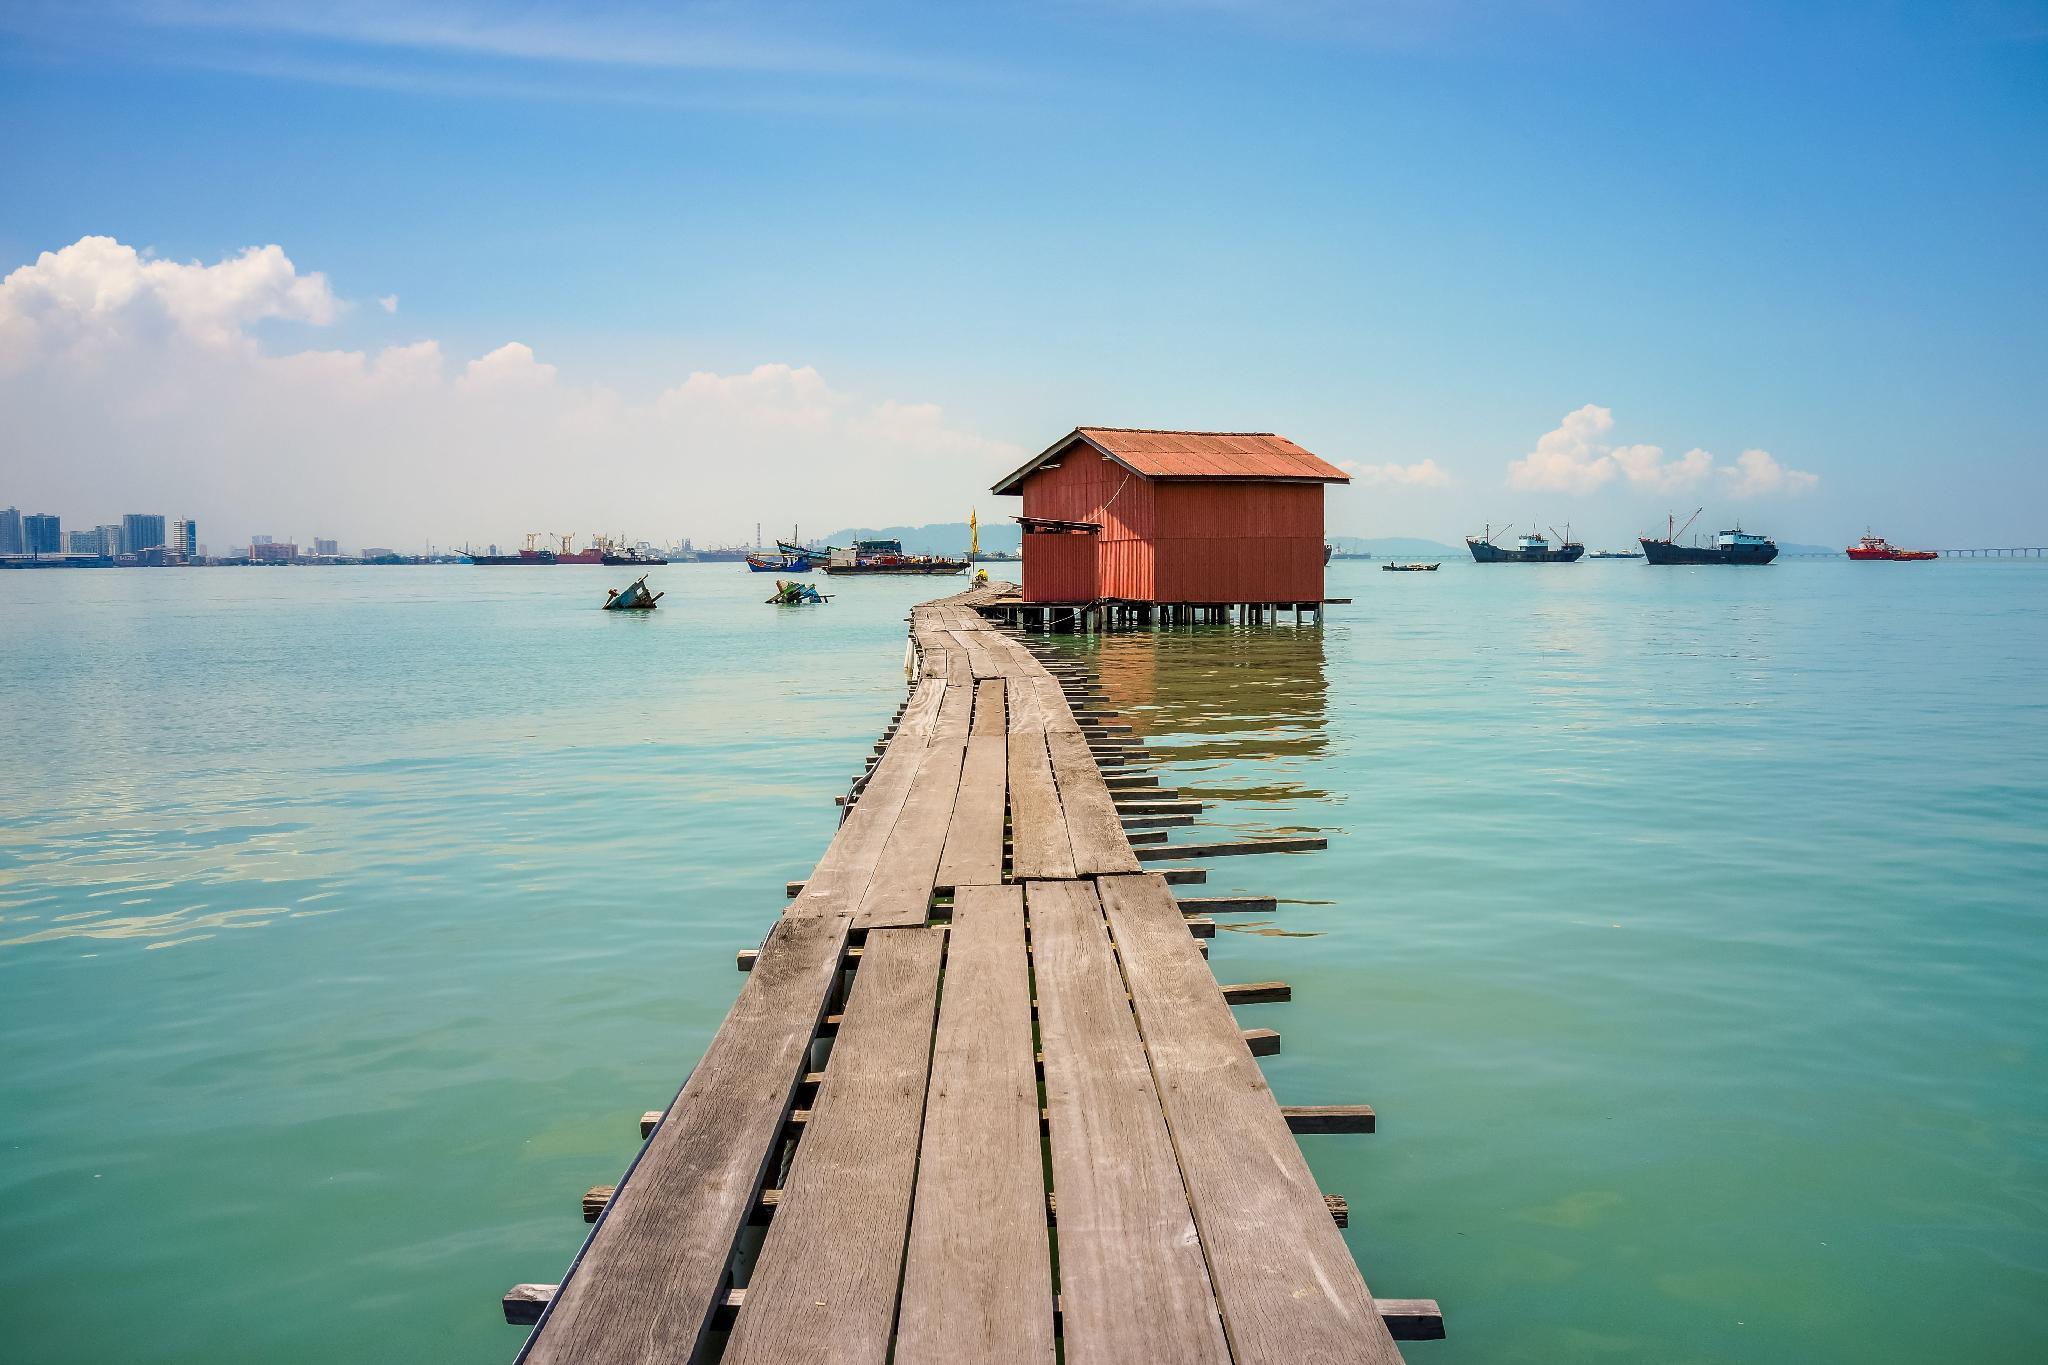 Summer Terrace, Pulau Penang